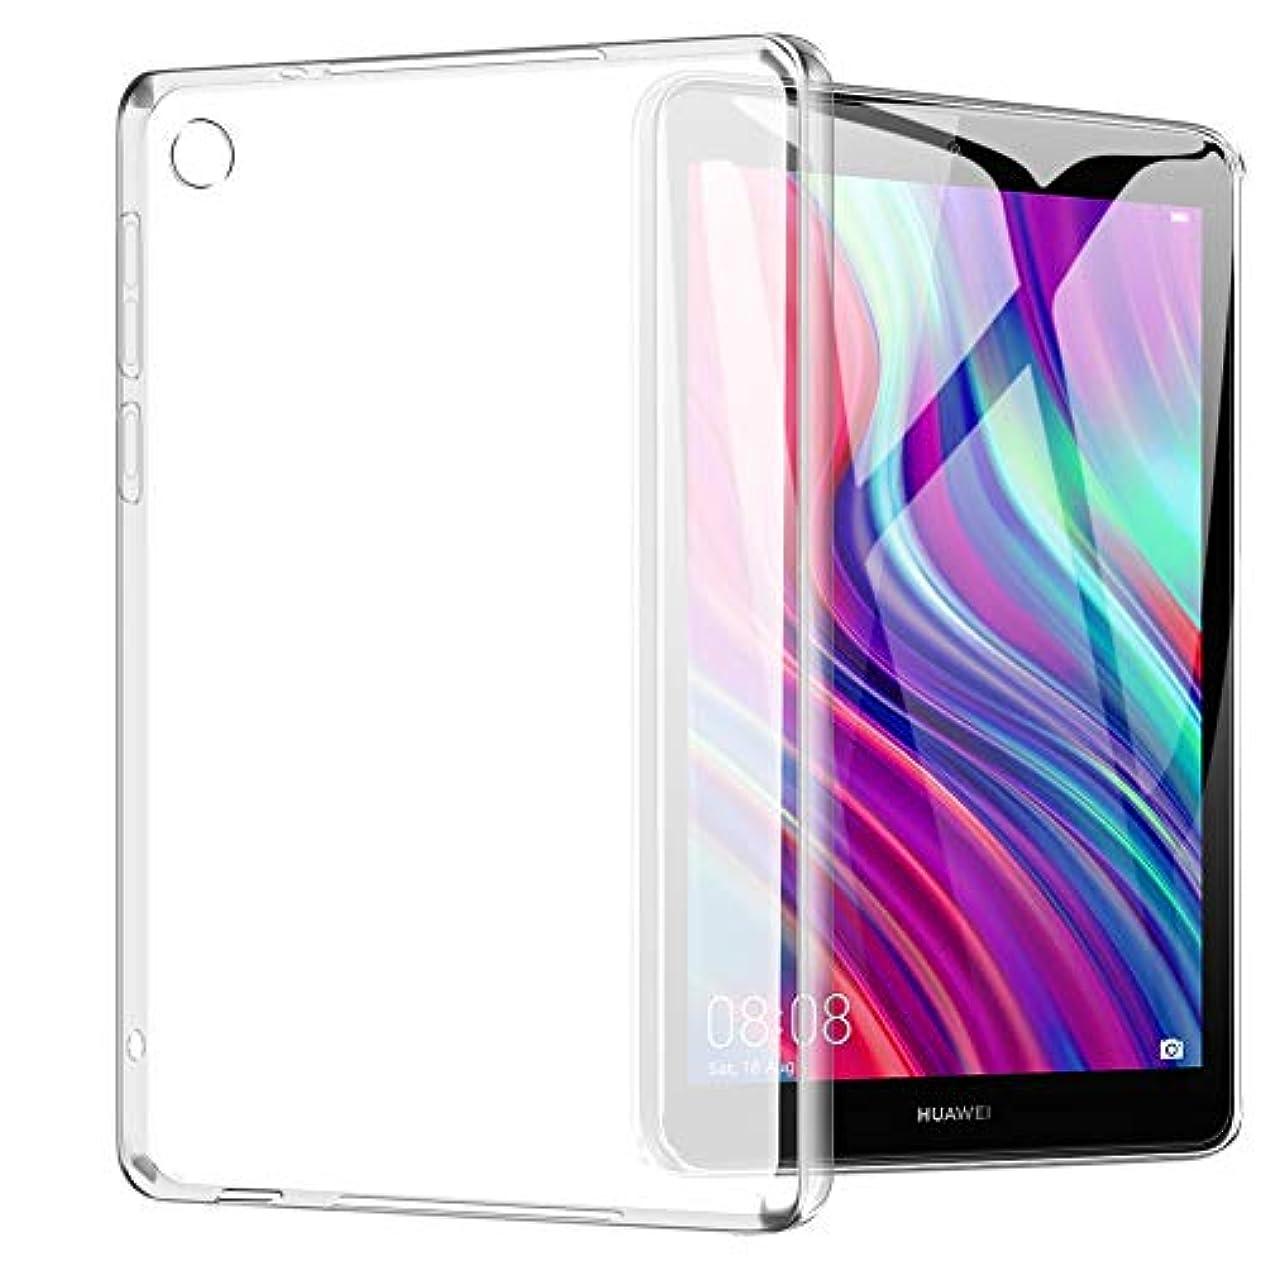 にやにや労働者機密HUAWEI 8.0インチ MediaPad M5 Lite Touch ケース TopACE 超スリム TPU ソフトケース 落下防止 指紋防止 耐スクラッチ全面保護 HUAWEI MediaPad M5 lite 8 対応 (半透明)